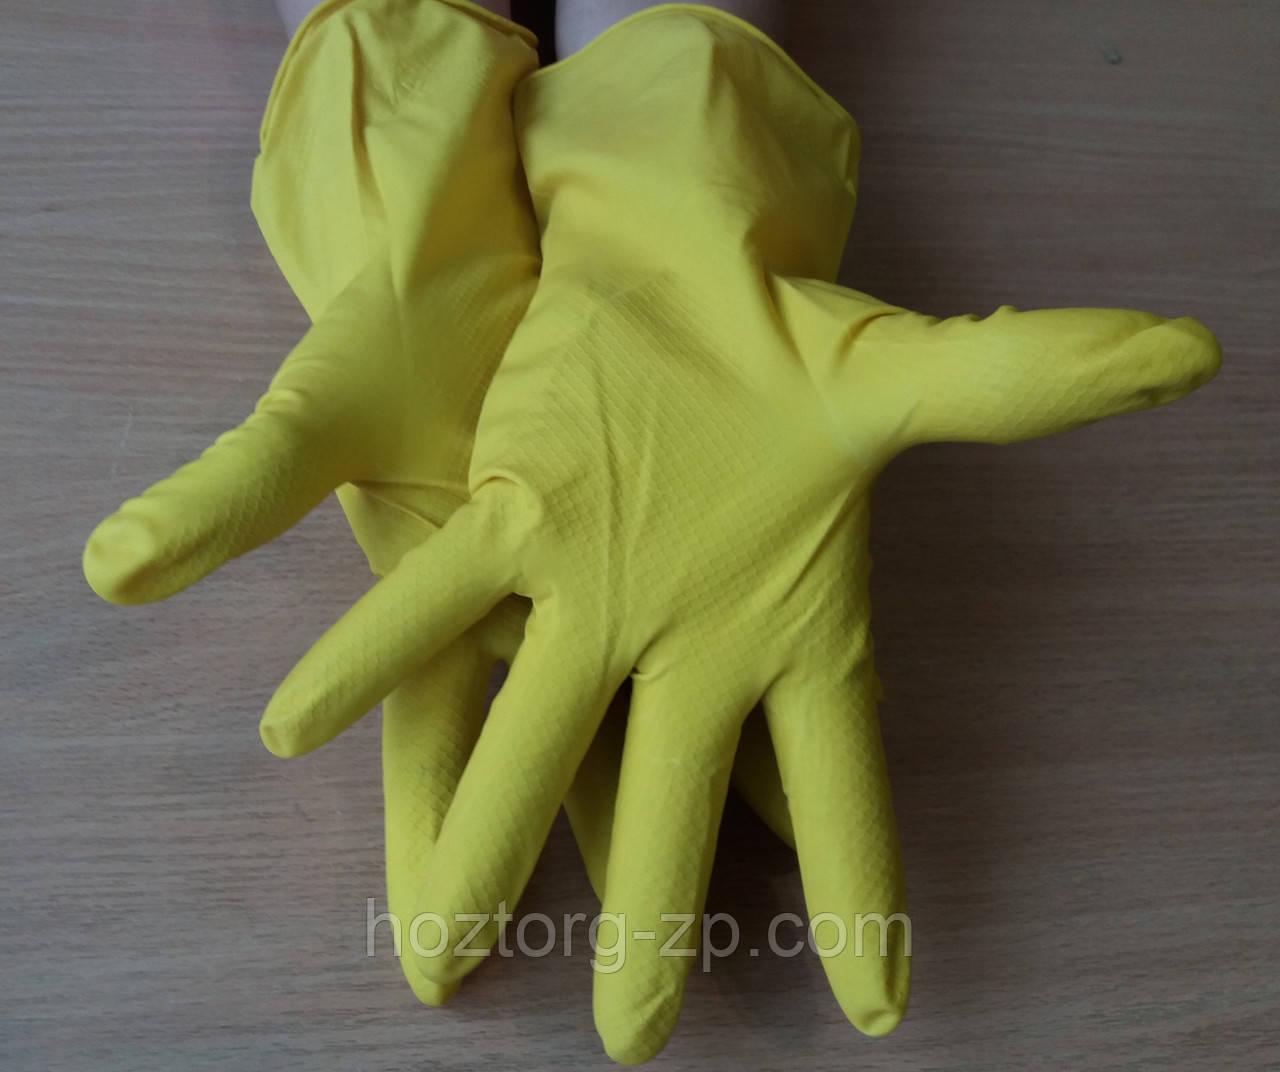 Перчатки латексные хозяйственные(10 пар)